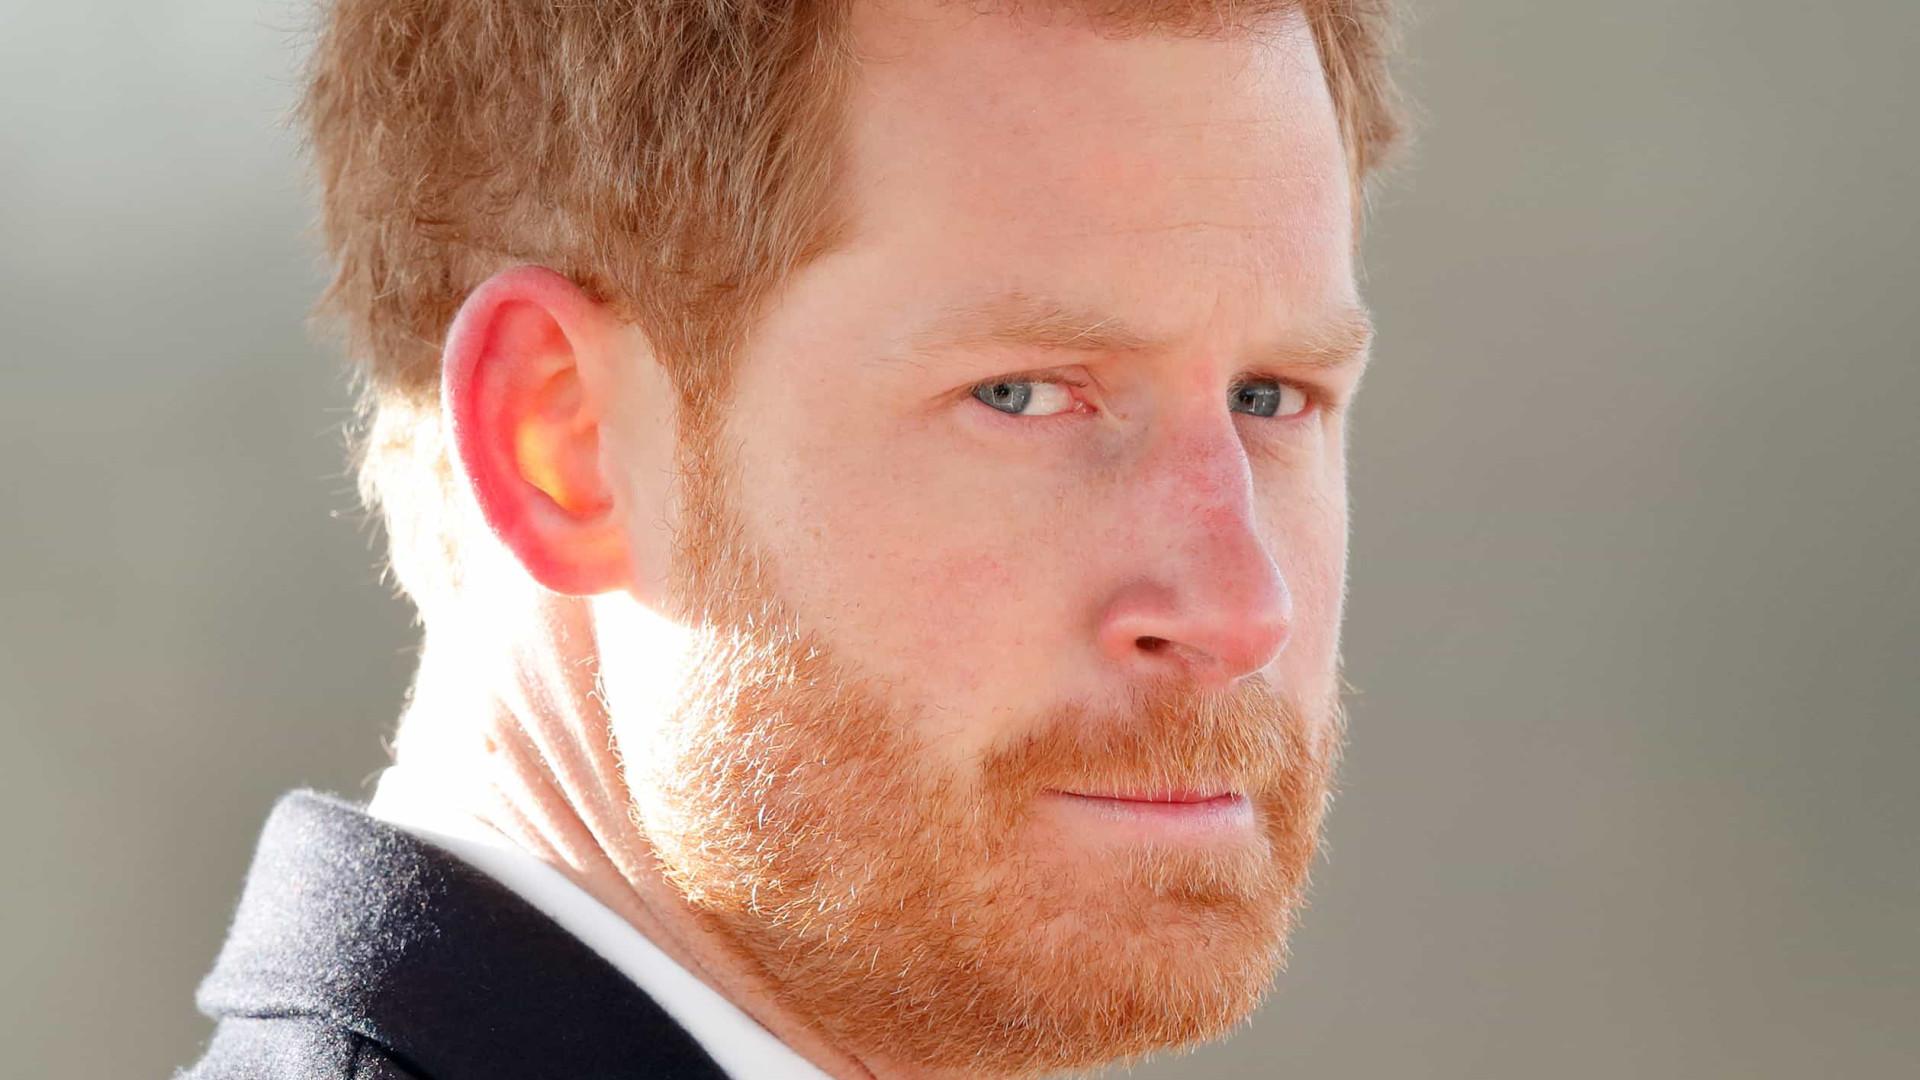 Príncipe Harry poderá faltar a homenagem à mãe, a princesa Diana